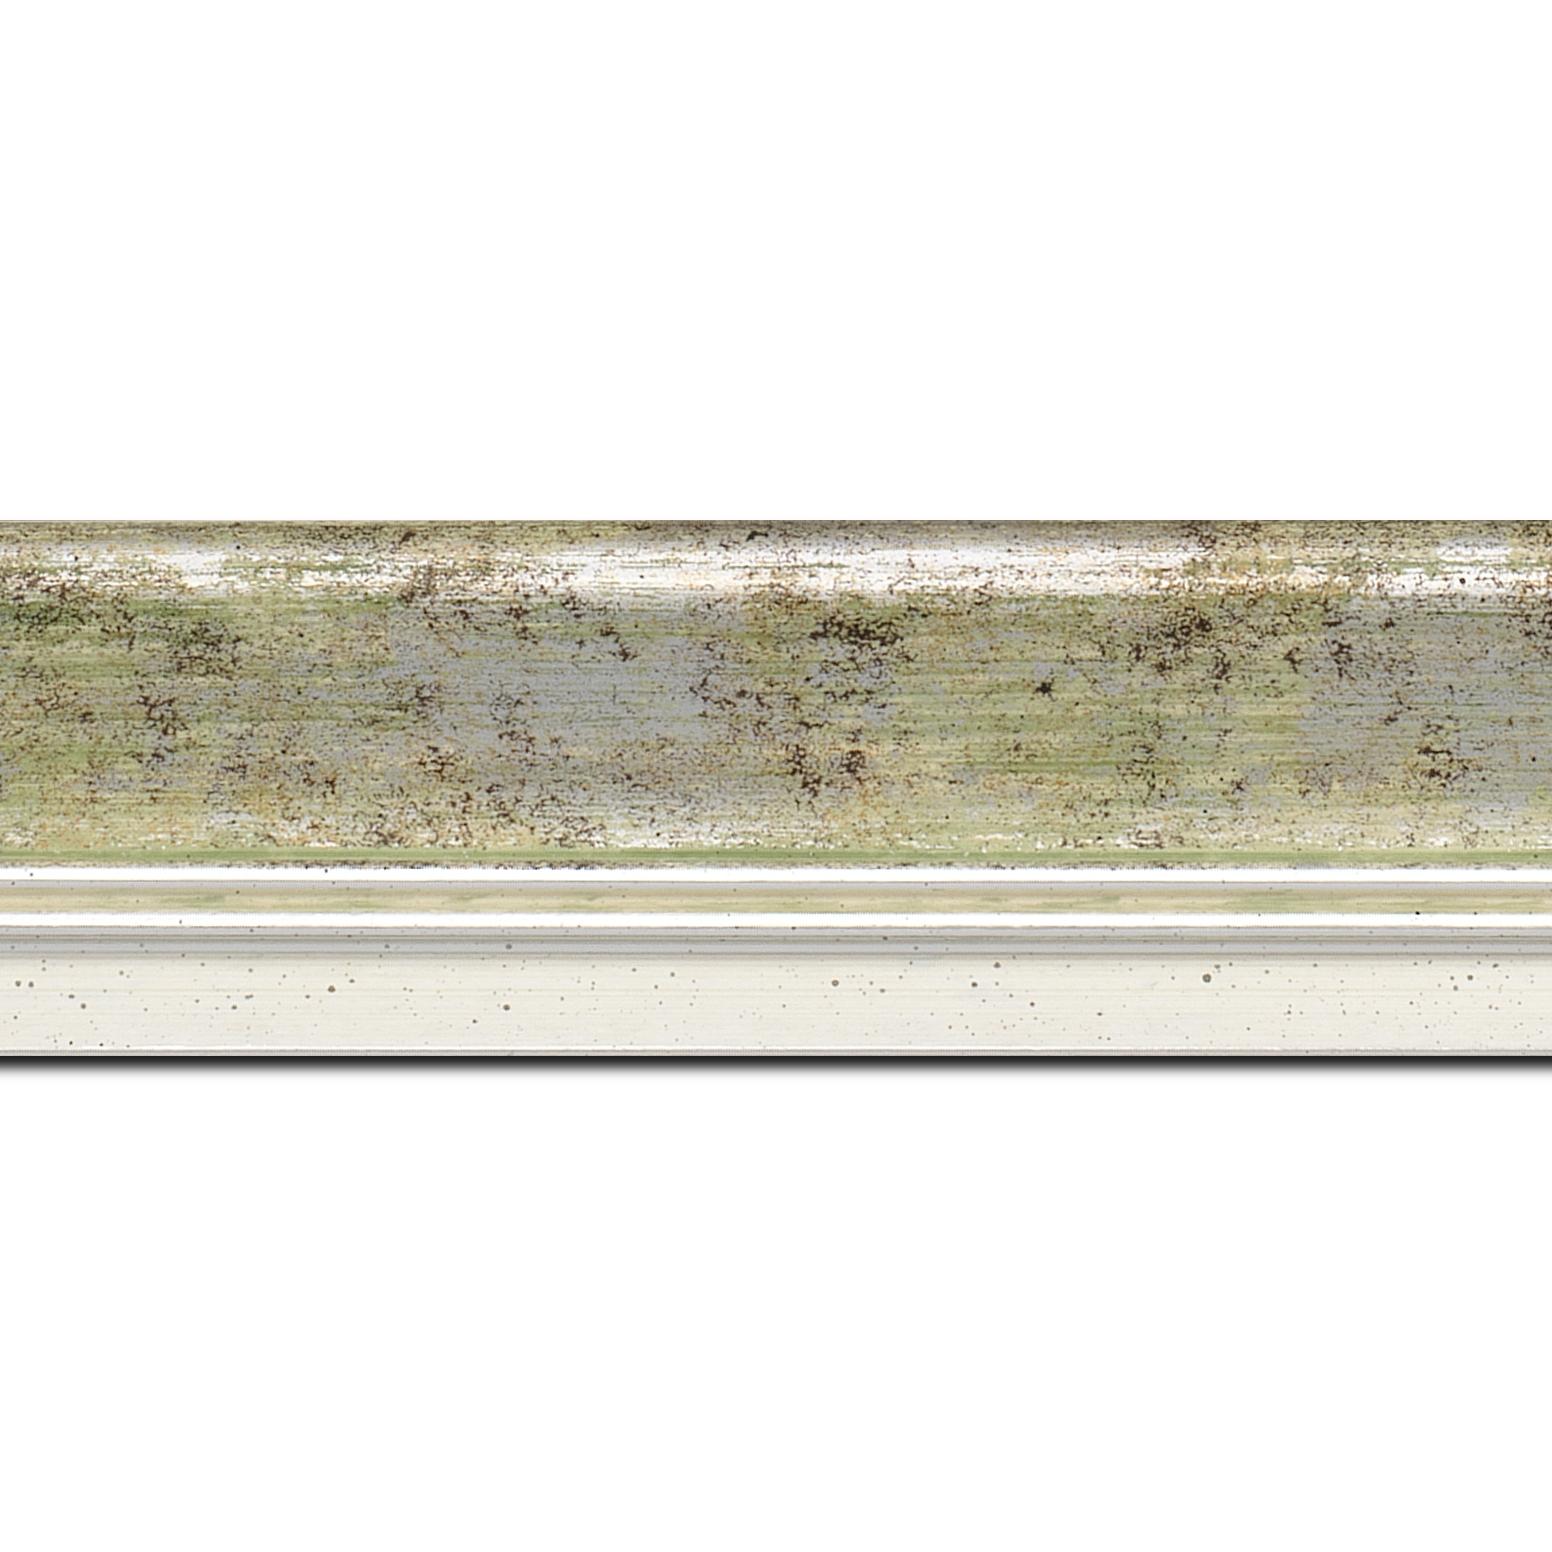 Pack par 12m, bois profil incurvé largeur 5.7cm de couleur vert fond argent marie louise blanche mouchetée filet argent intégré(longueur baguette pouvant varier entre 2.40m et 3m selon arrivage des bois)